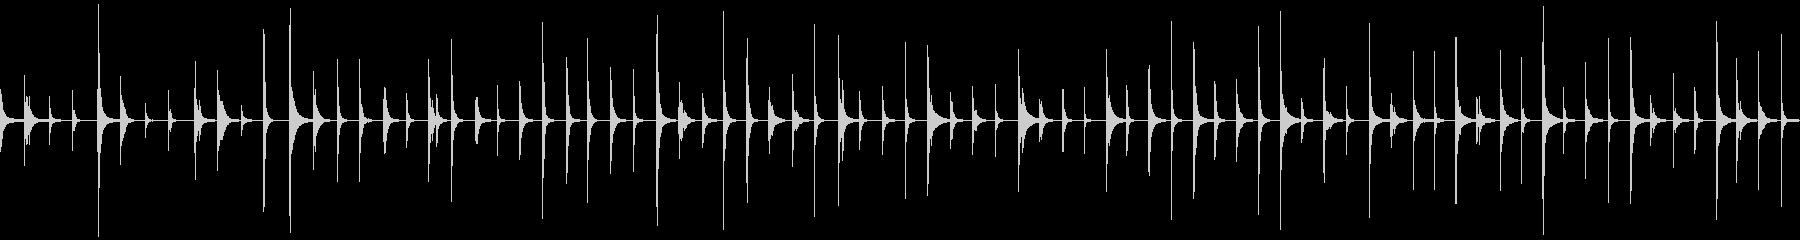 カートン、ディンマシン; DIGI...の未再生の波形